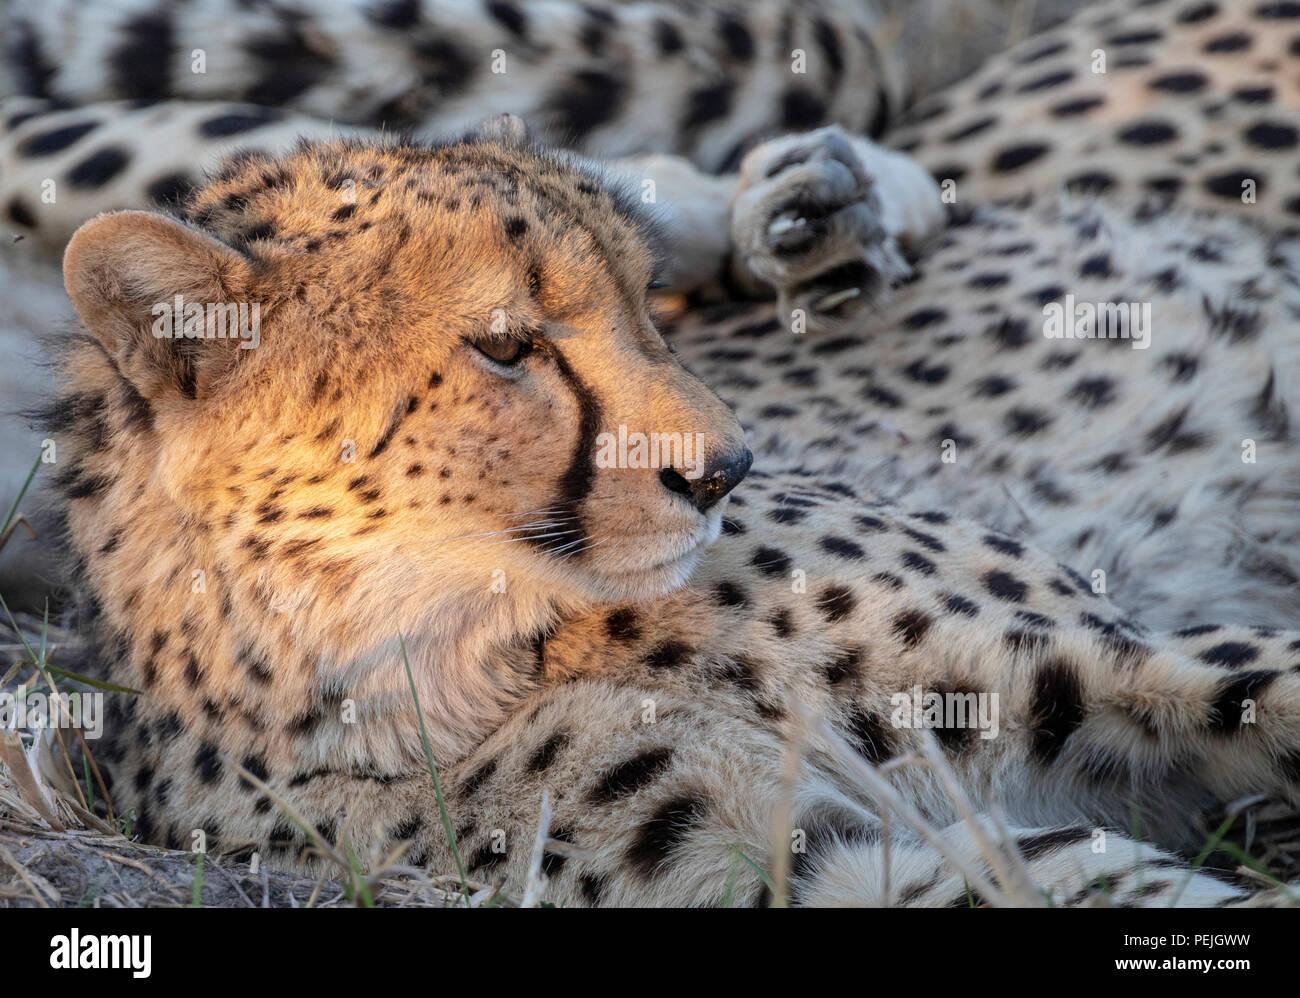 Cheetah descansando en la sombra con la cabeza iluminada por aislados rayos de sol de la tarde, el delta del Okavango, Botswana Foto de stock